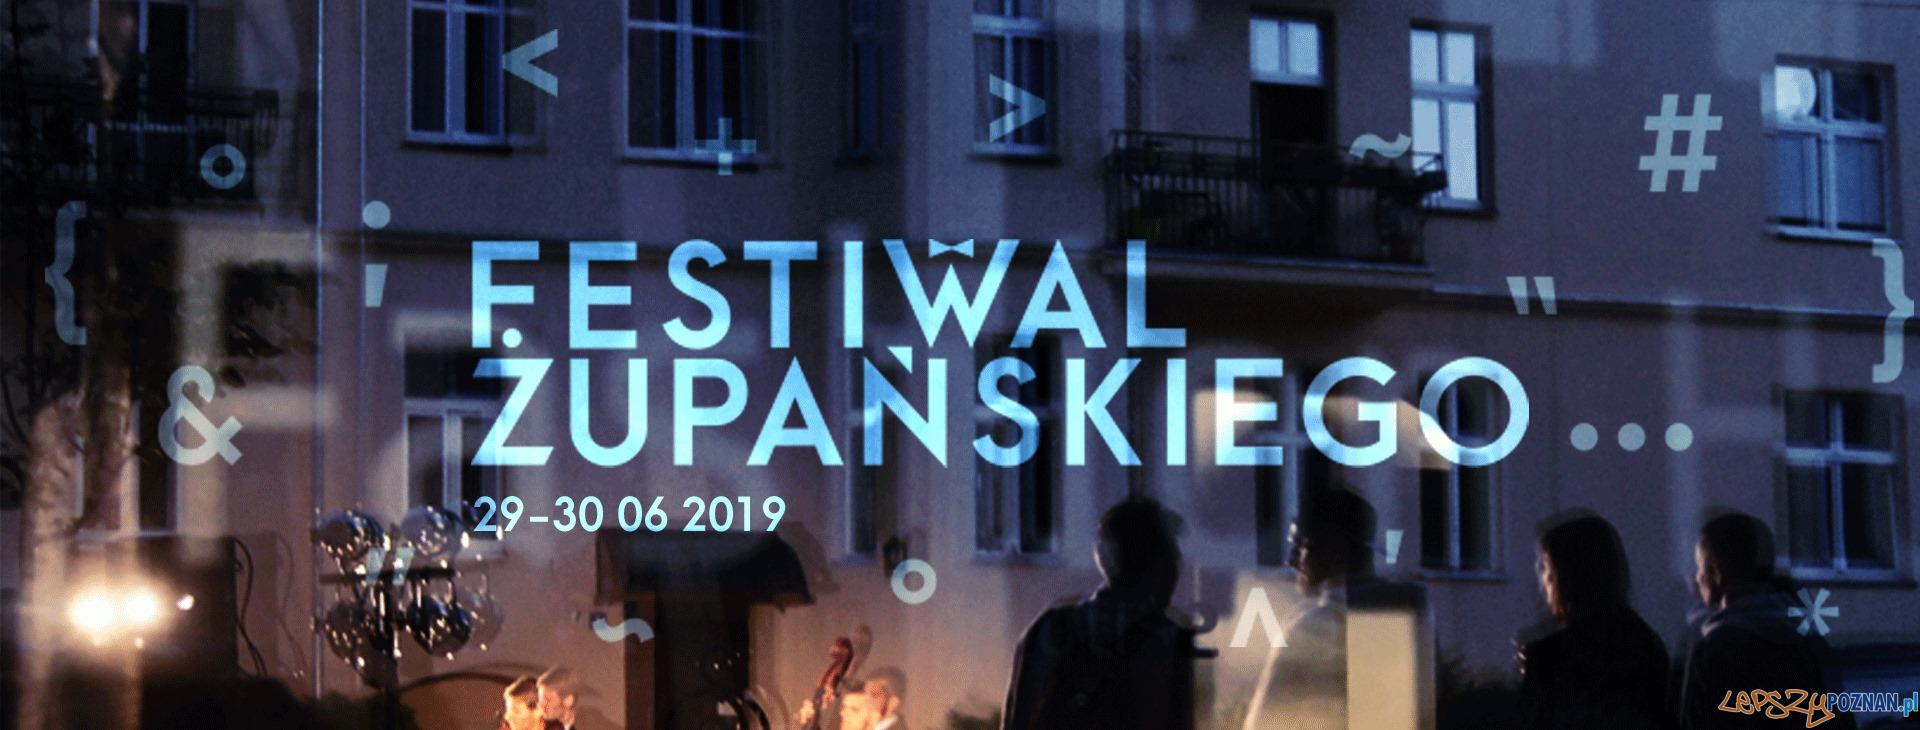 Festiwal Żupańskiego  Foto: materiały prasowe